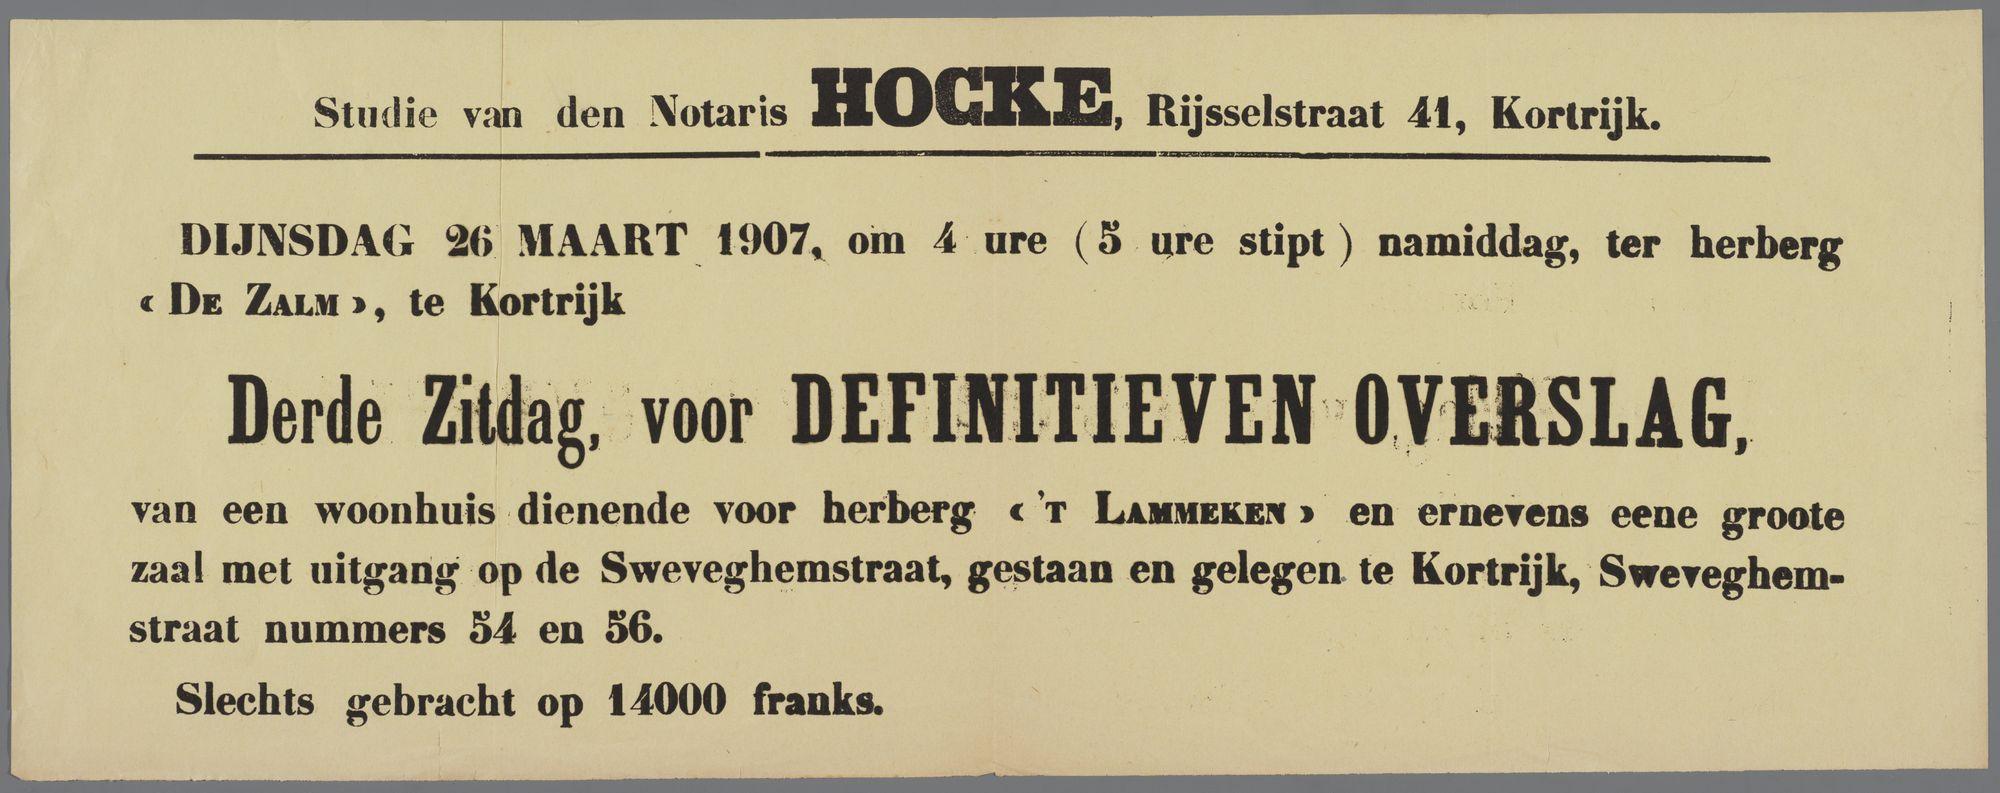 Verkoop woonhuis (herberg) te Kortrijk: definitieve toewijzing 1907